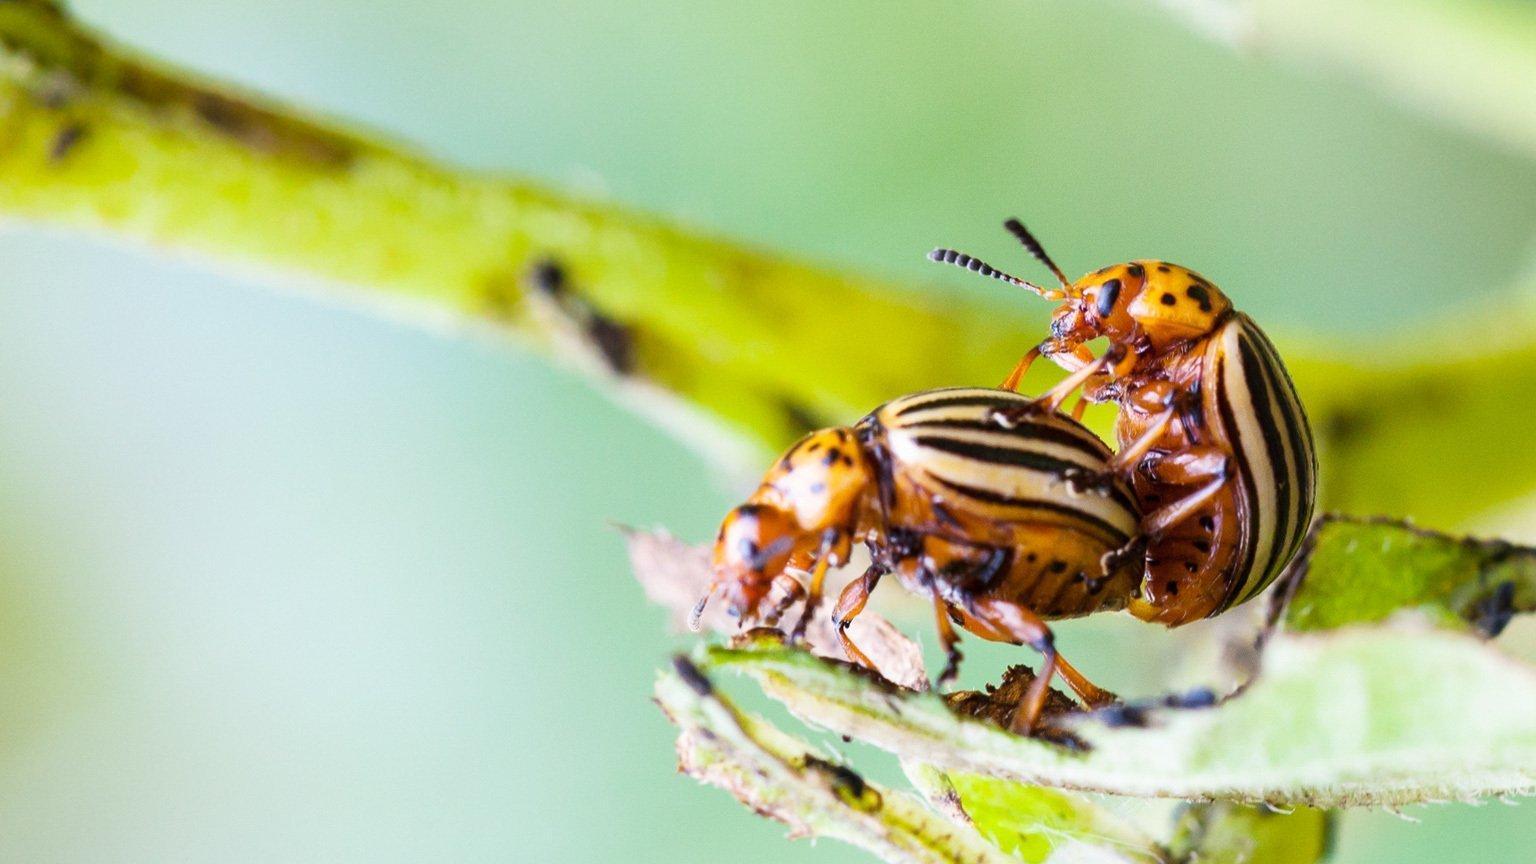 Zwei bernsteinbraune Käfer mit gelb-schwarz gestreiften Flügeln. Das Männchen hängt auf dem Rücken des Weibchens.